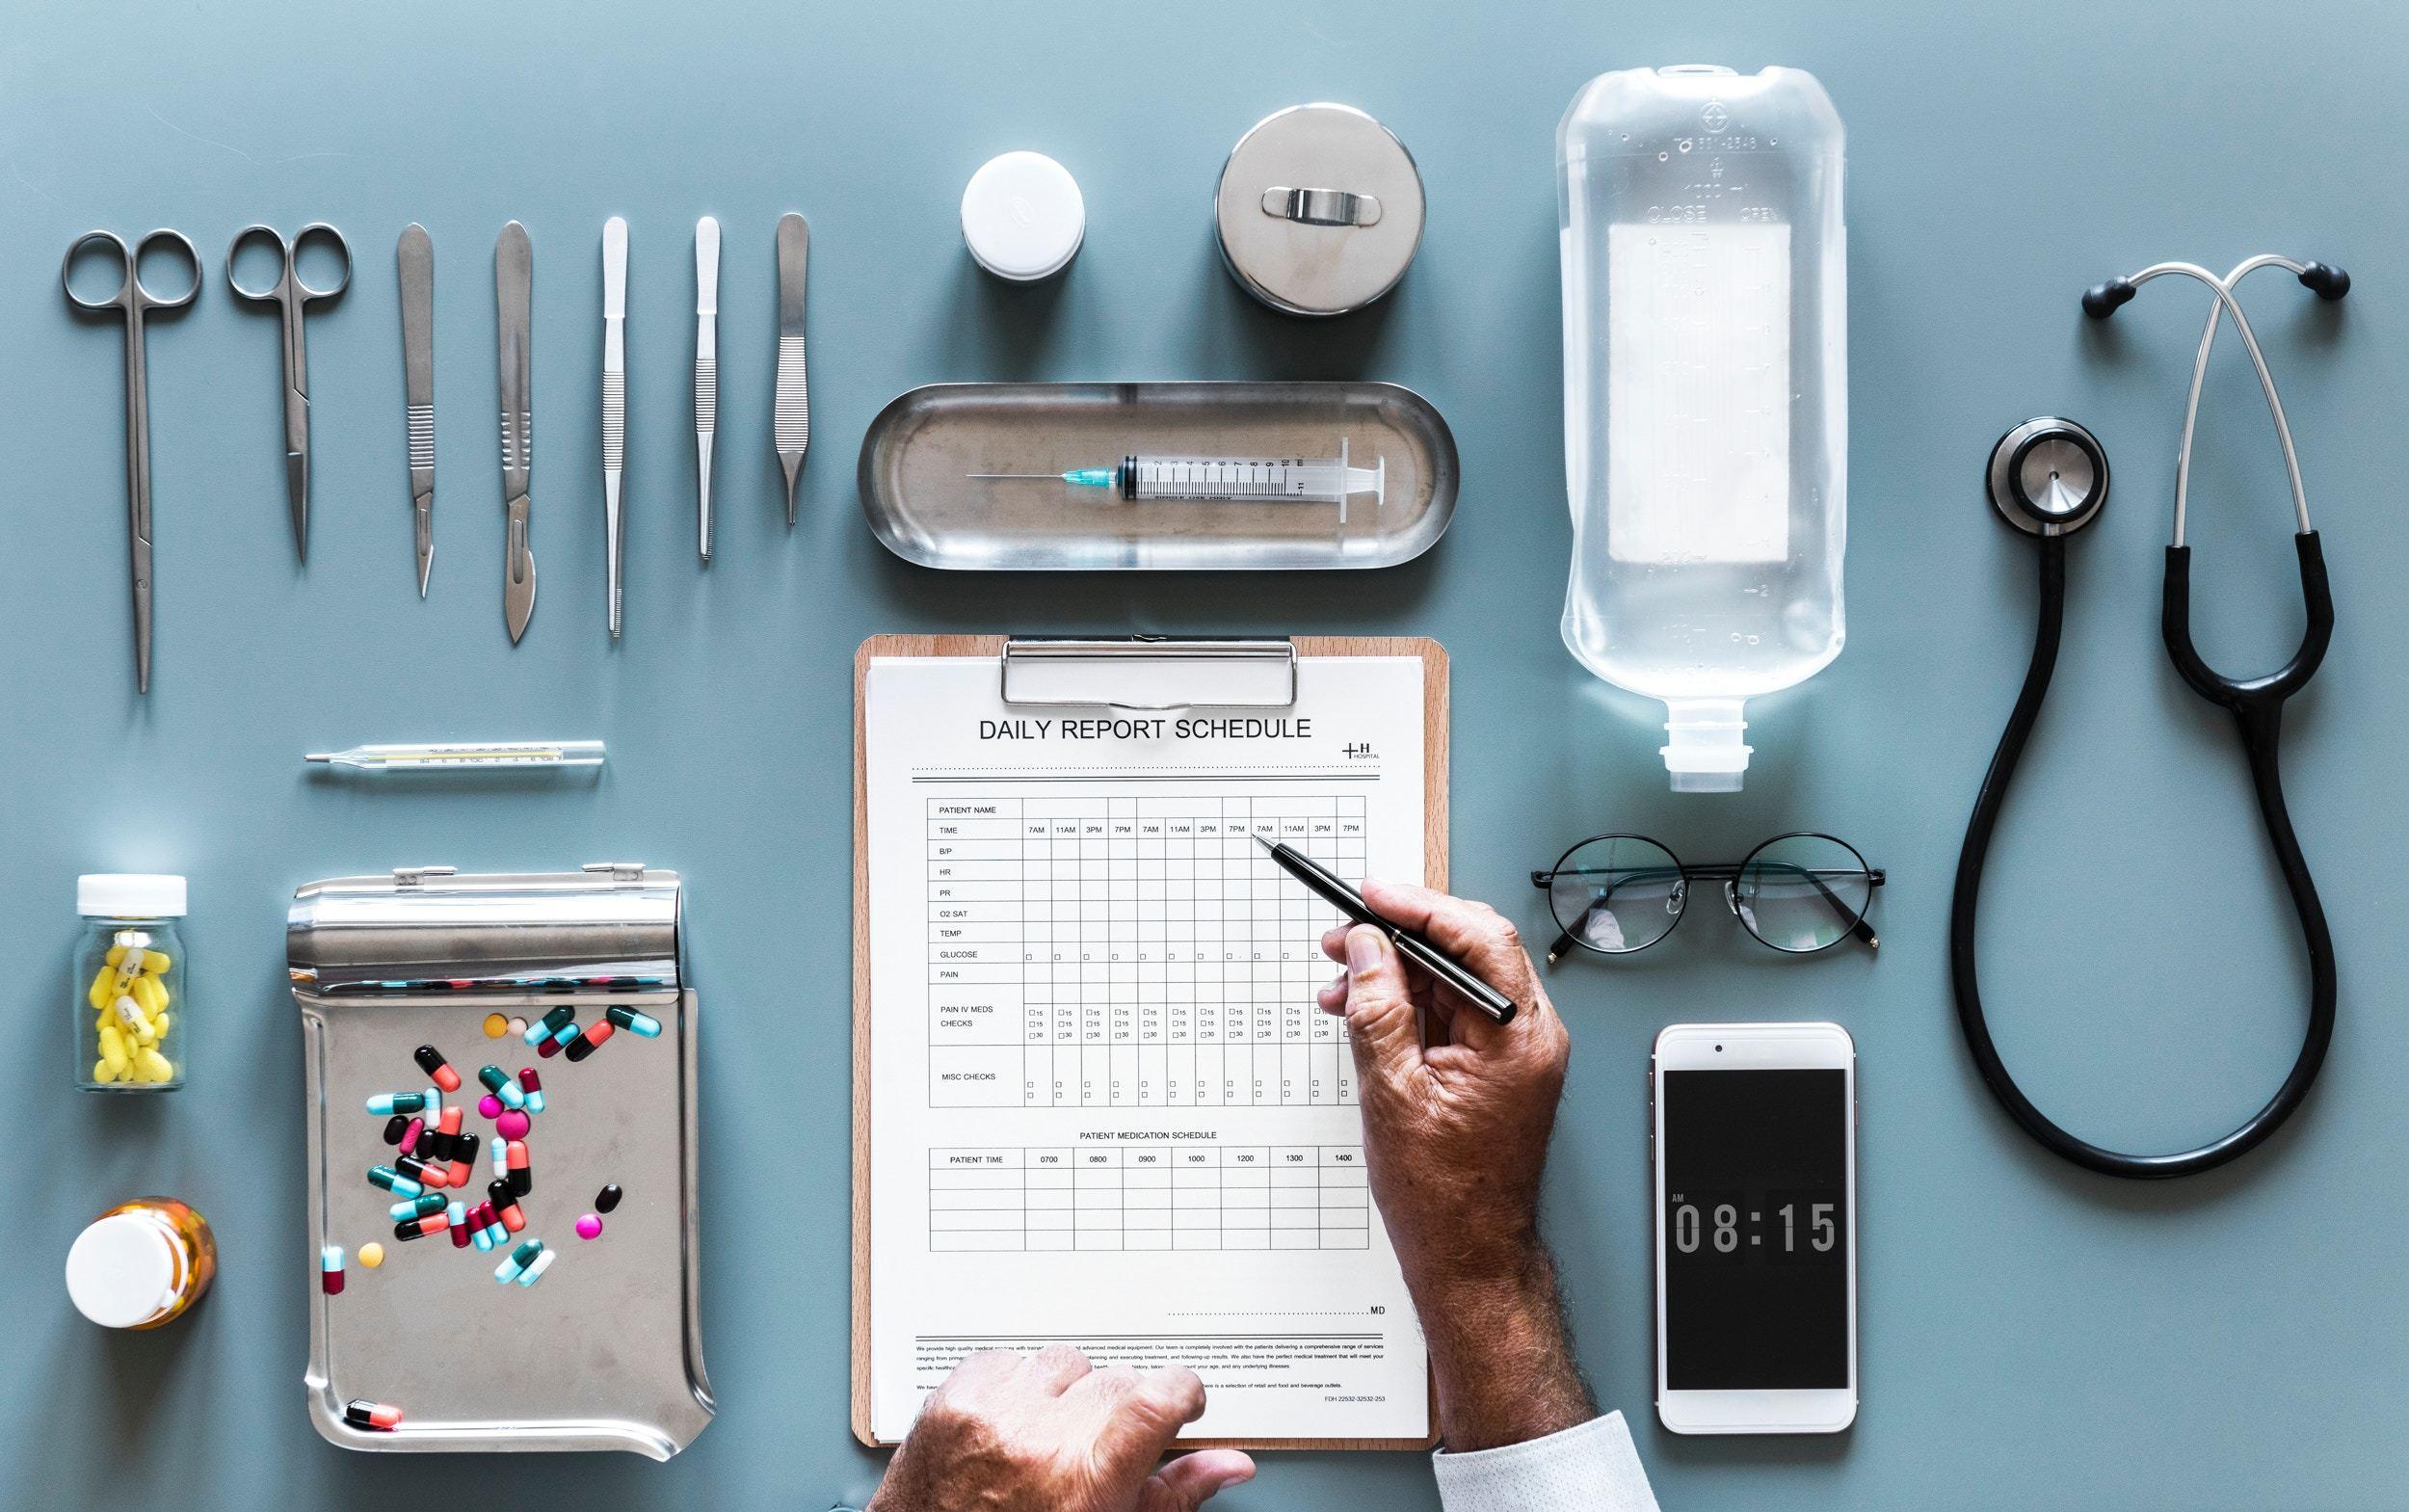 救急外来/ER向けデータベースシステム「NEXT Stage ER 」におけるリードエンジニアとしての詳細設計業務